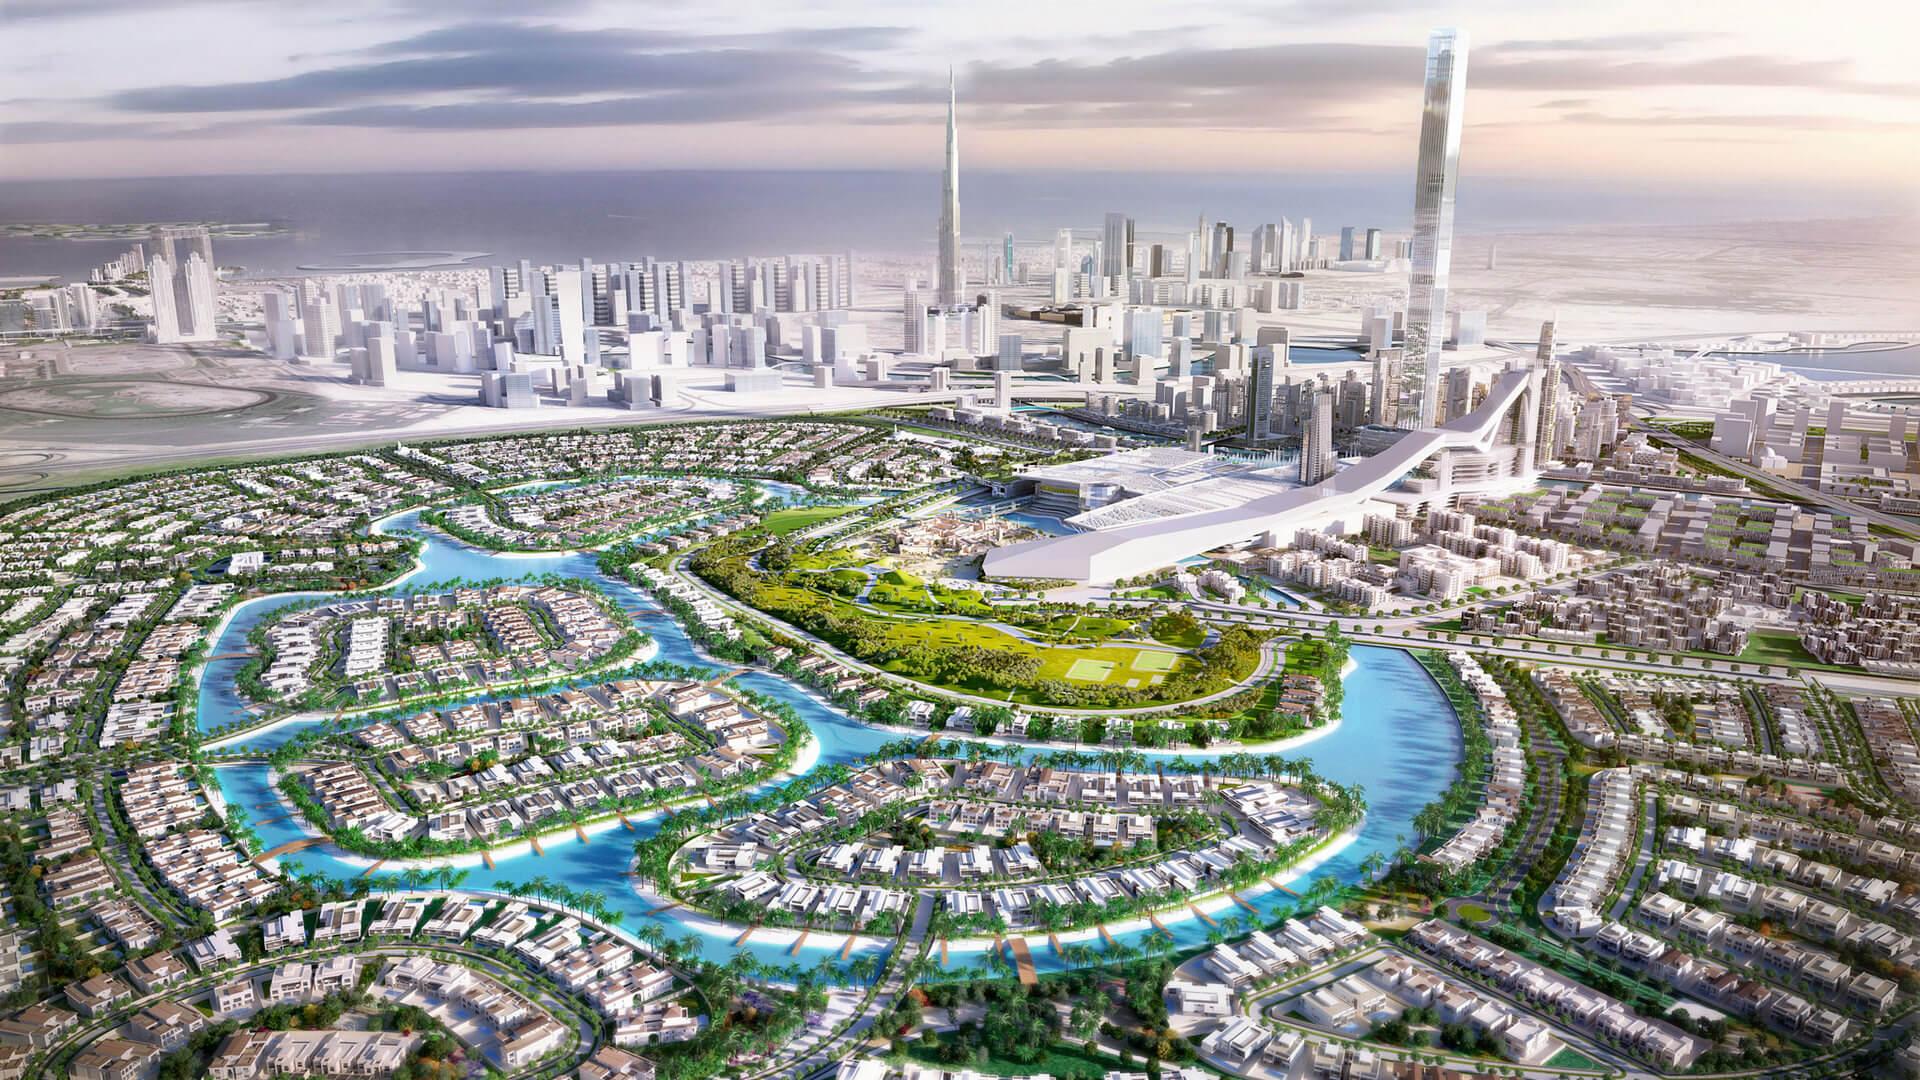 Ciudad Mohammed Bin Rashid (Ciudad MBR) - 2